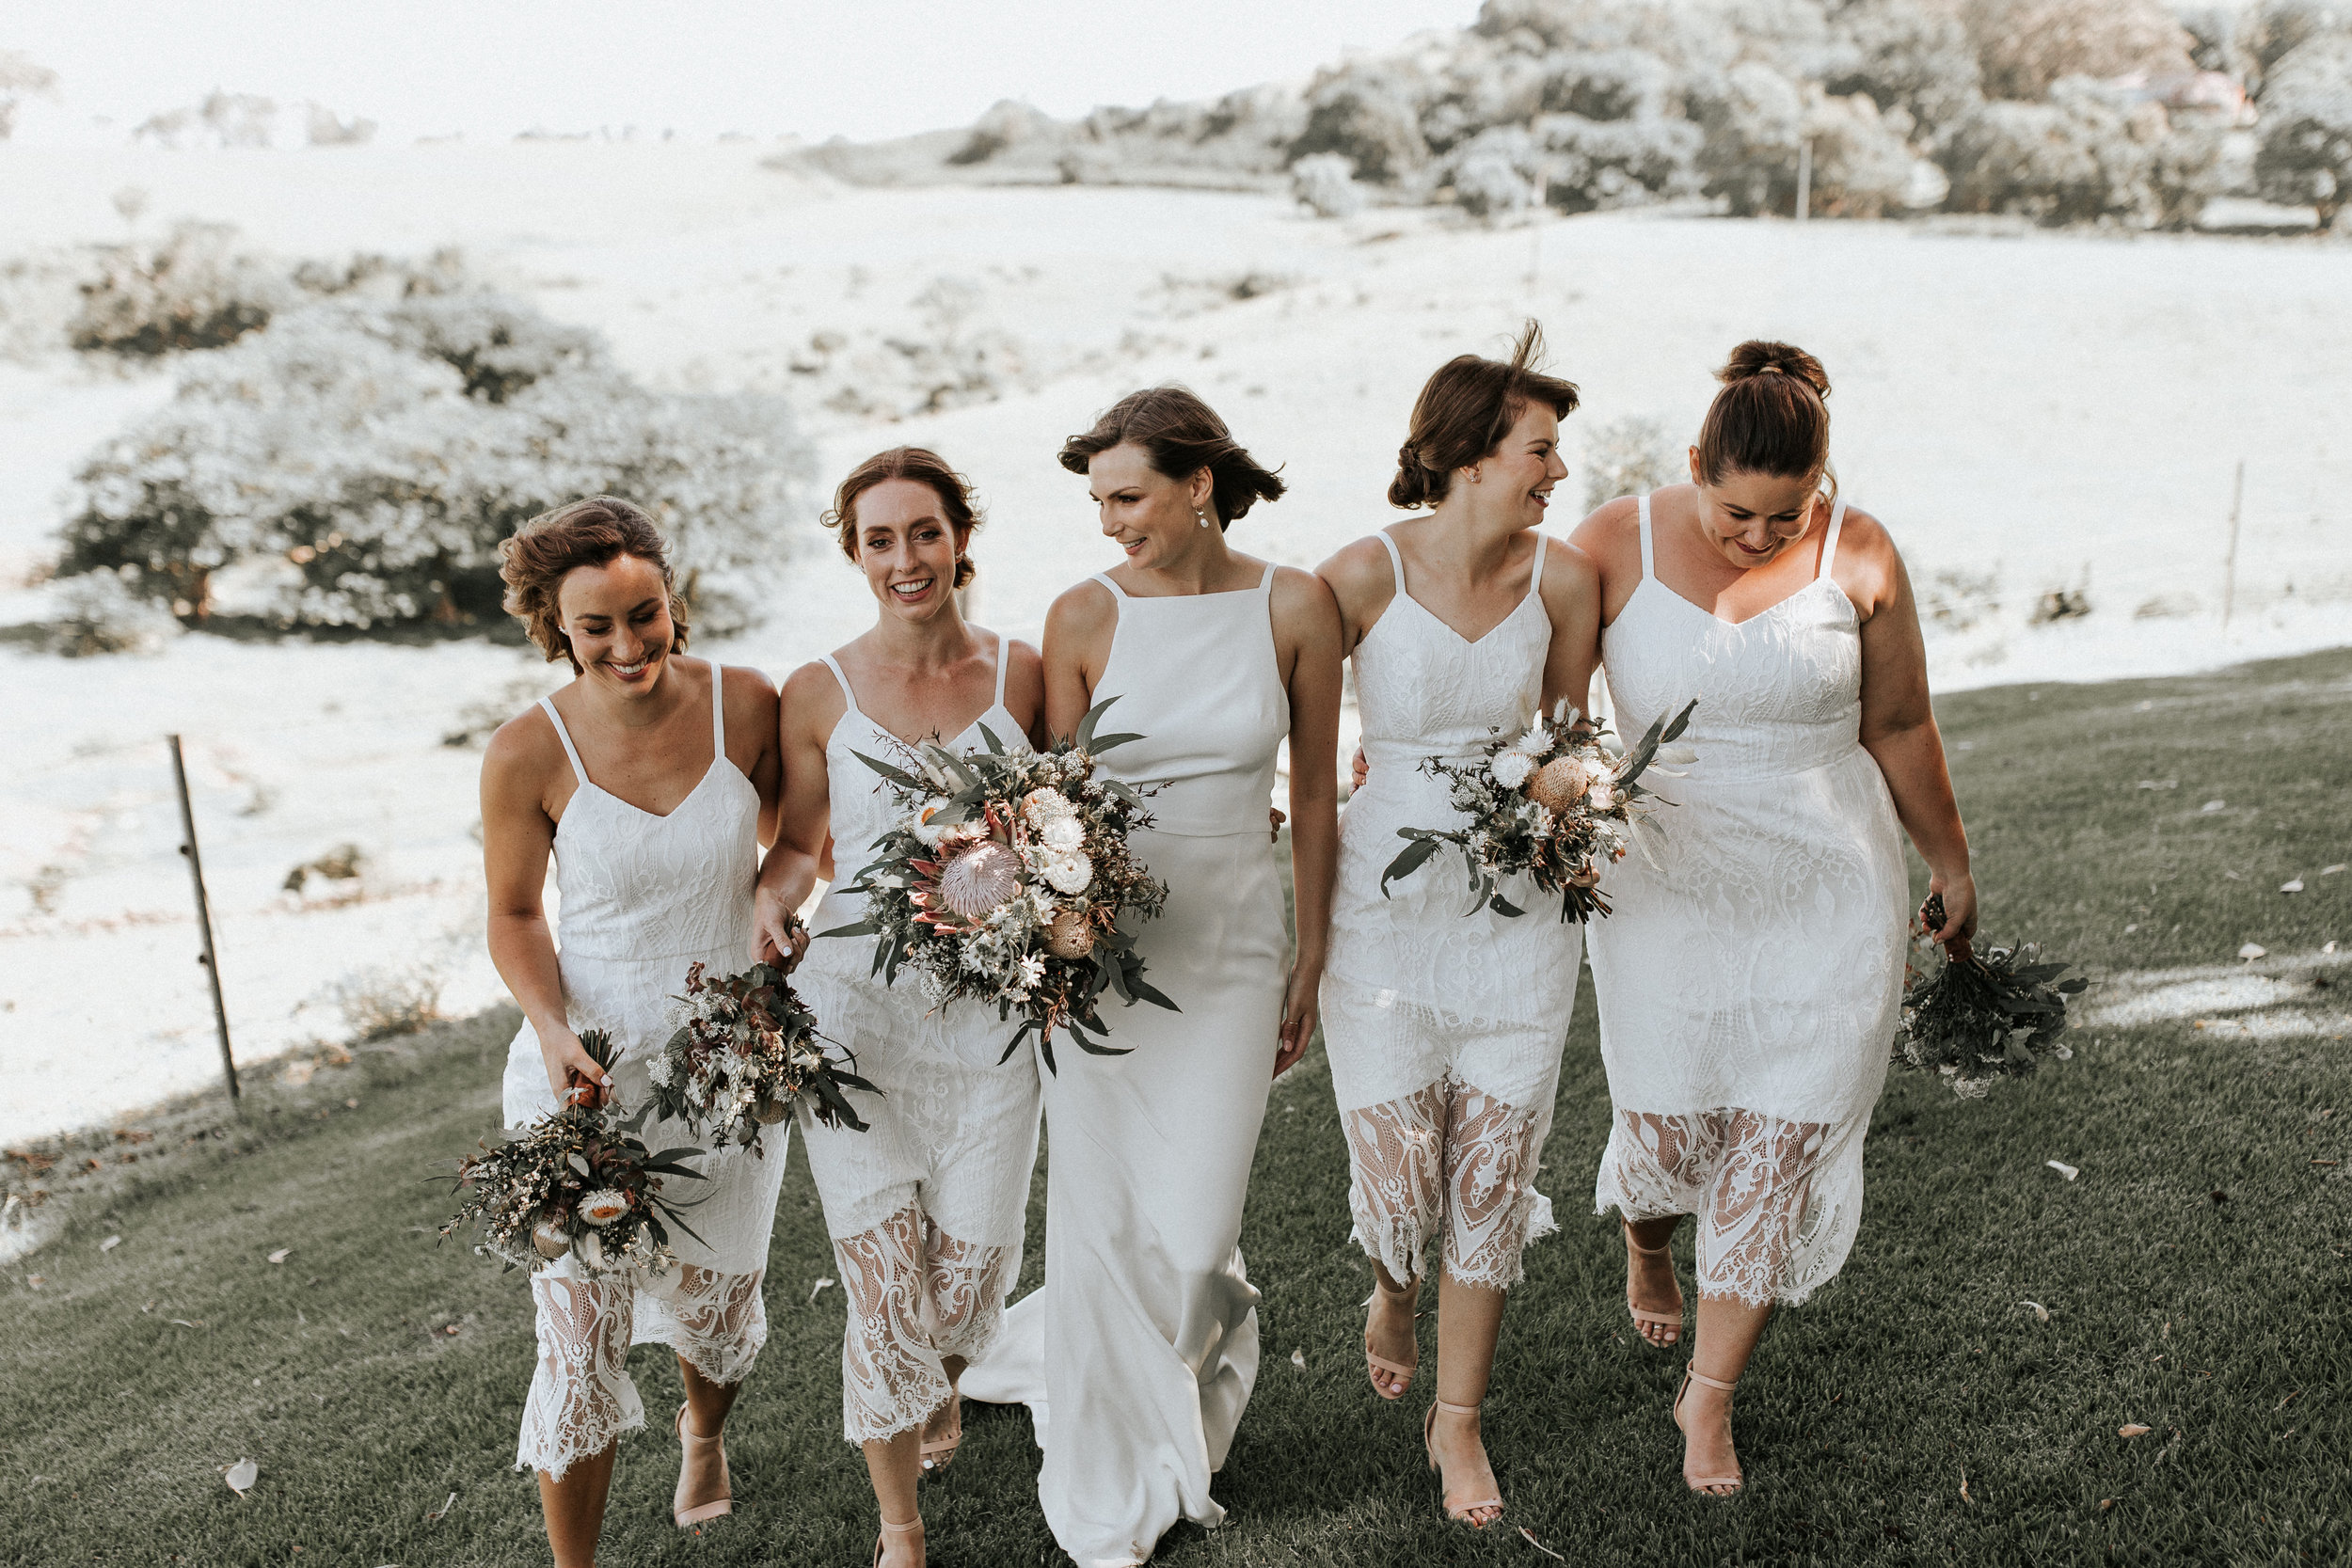 ashleigh-matthew-tilley-wedding-394.jpg